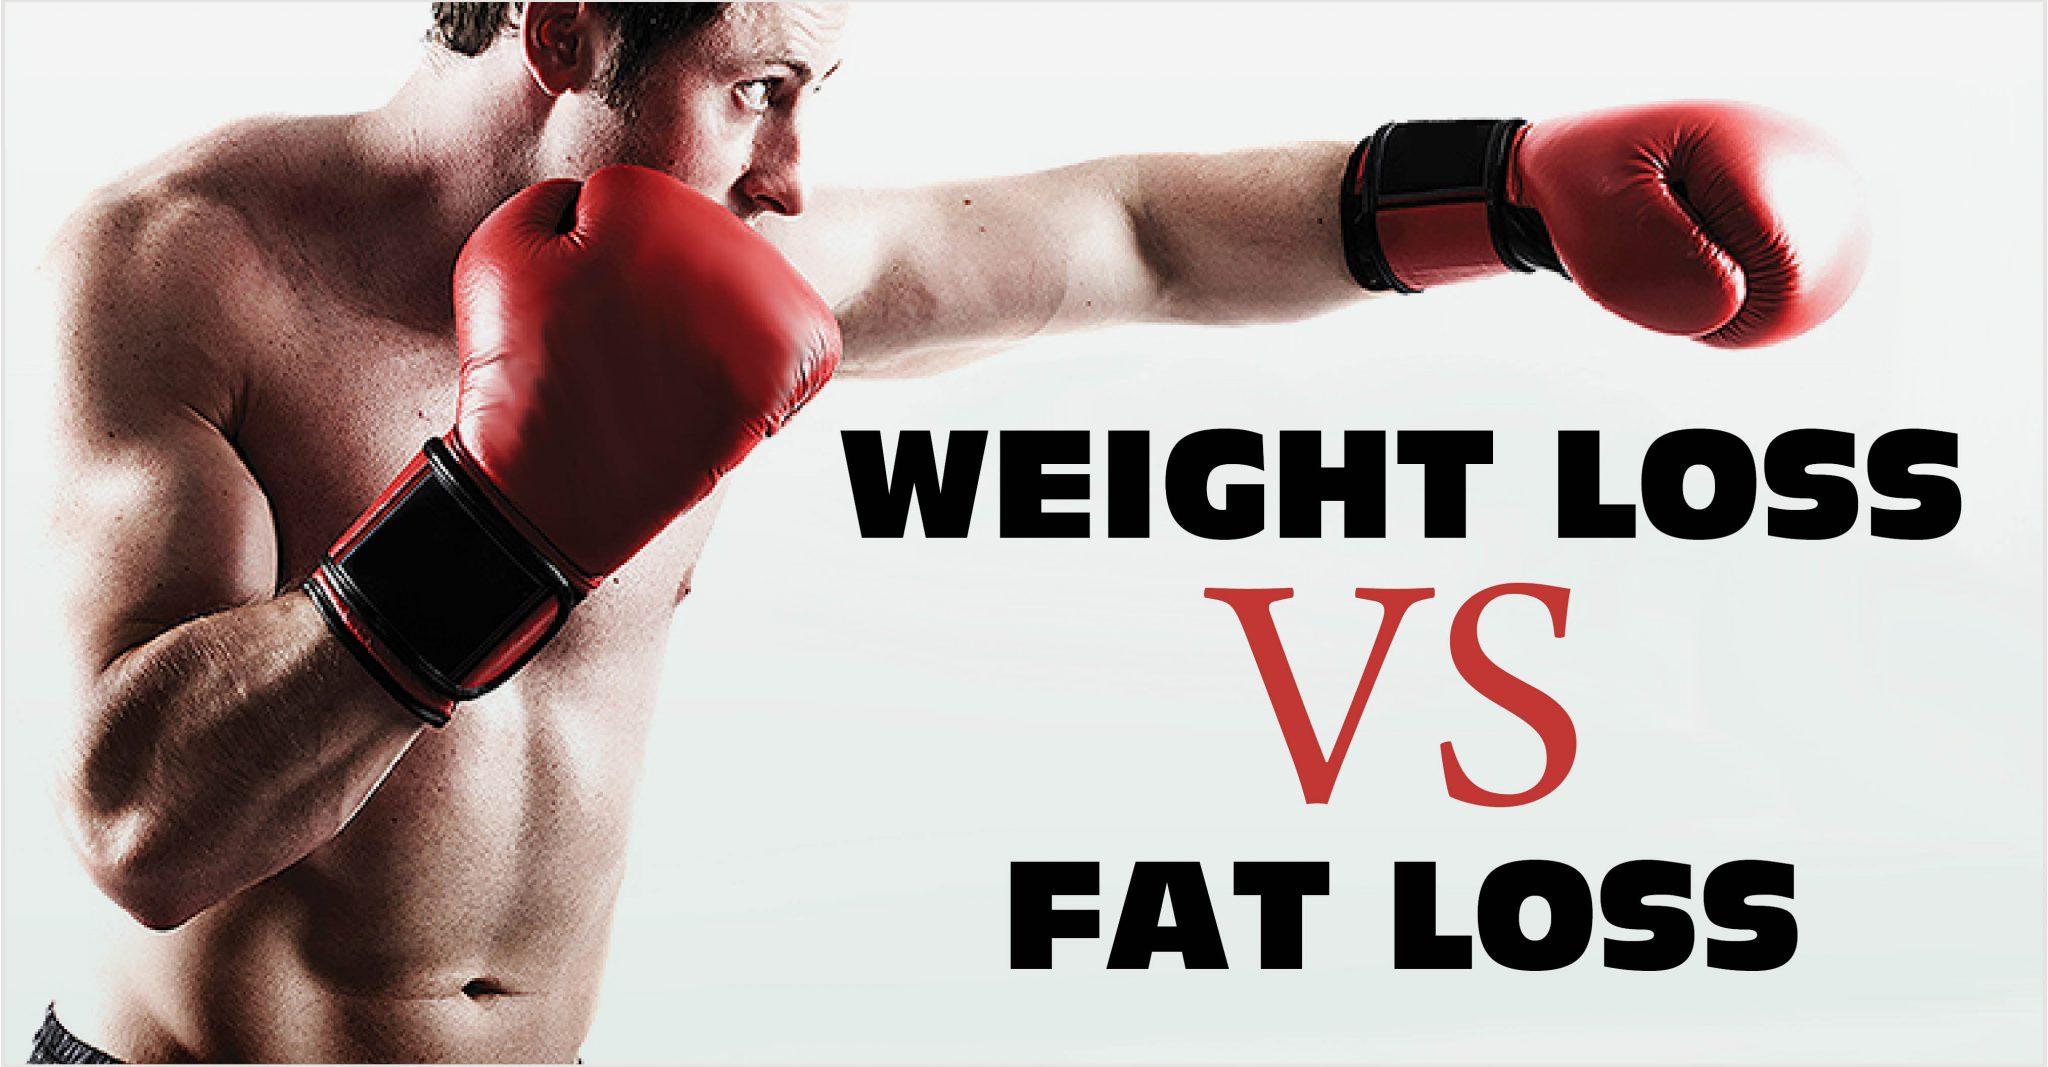 10 mituri despre pierderea în greutate și ceea ce spune știința cu adevărat